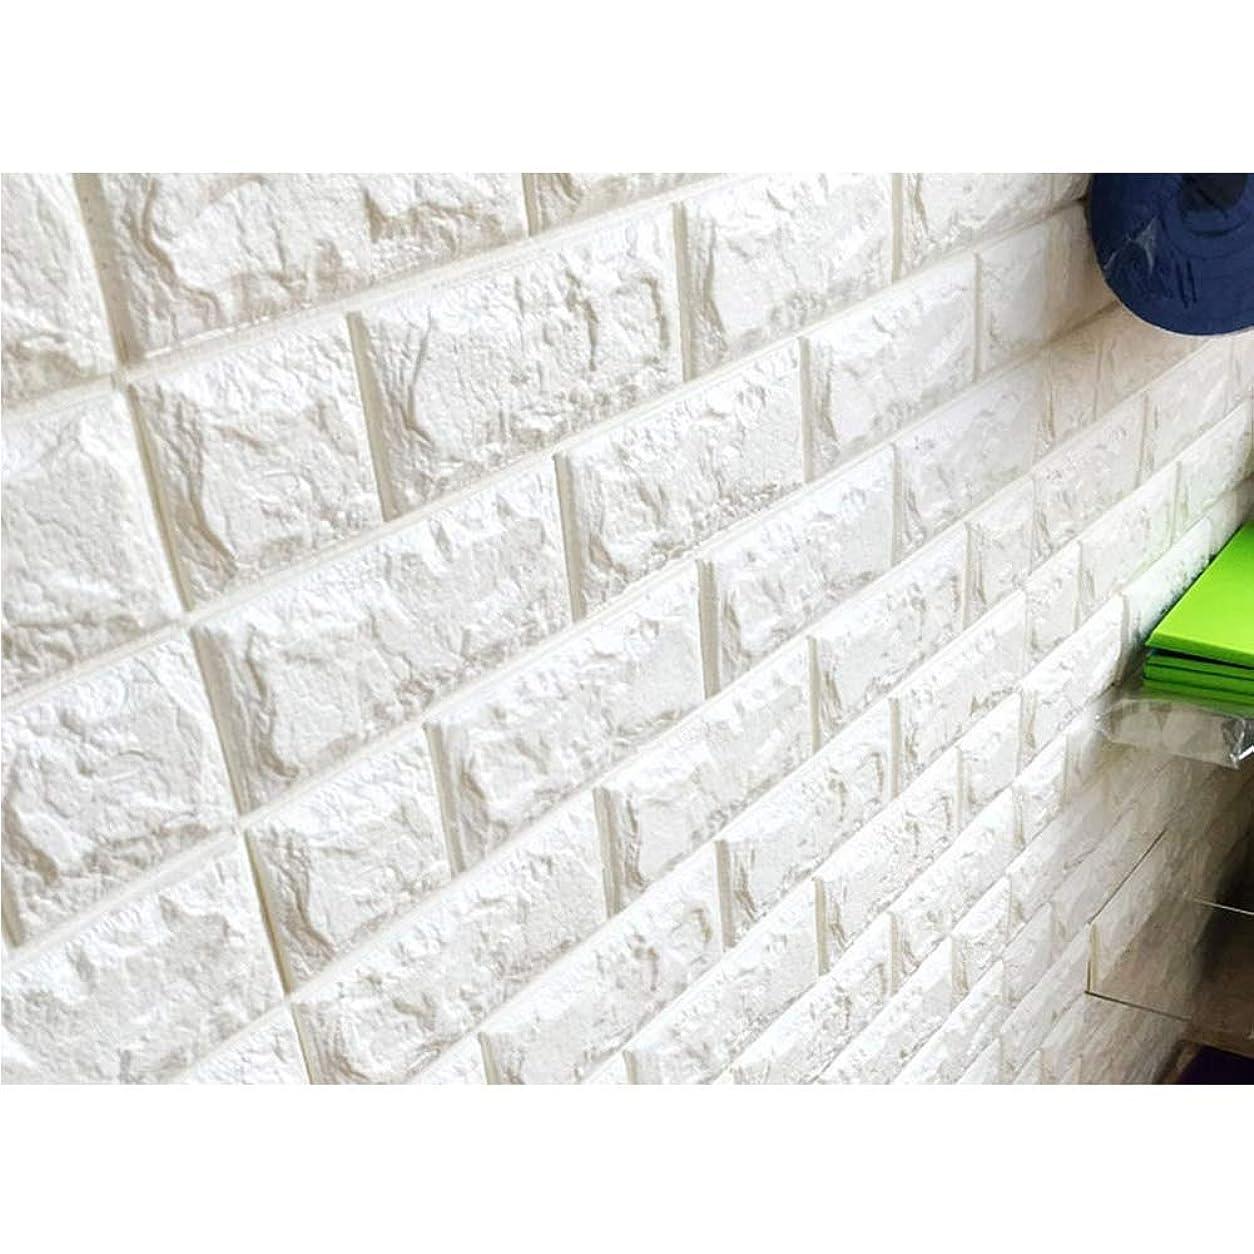 積分電気的朝の体操をする壁紙 レンガ シール クッションブリック 大判 立体 リメイクシート 壁 DIY リフォーム 77×70cm (5枚)